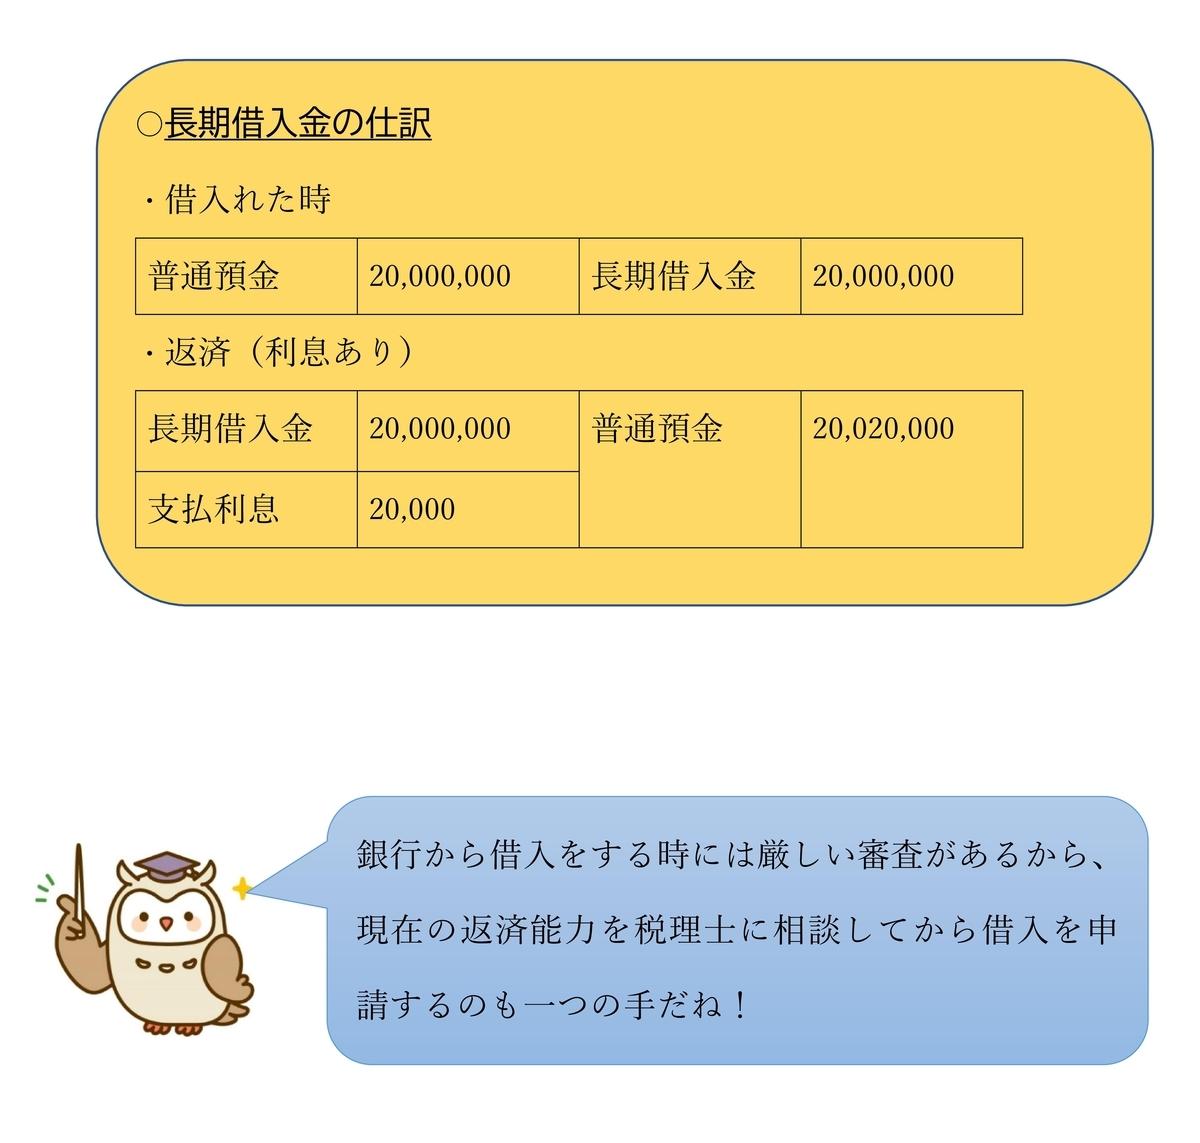 f:id:kokosapo:20210324090631j:plain